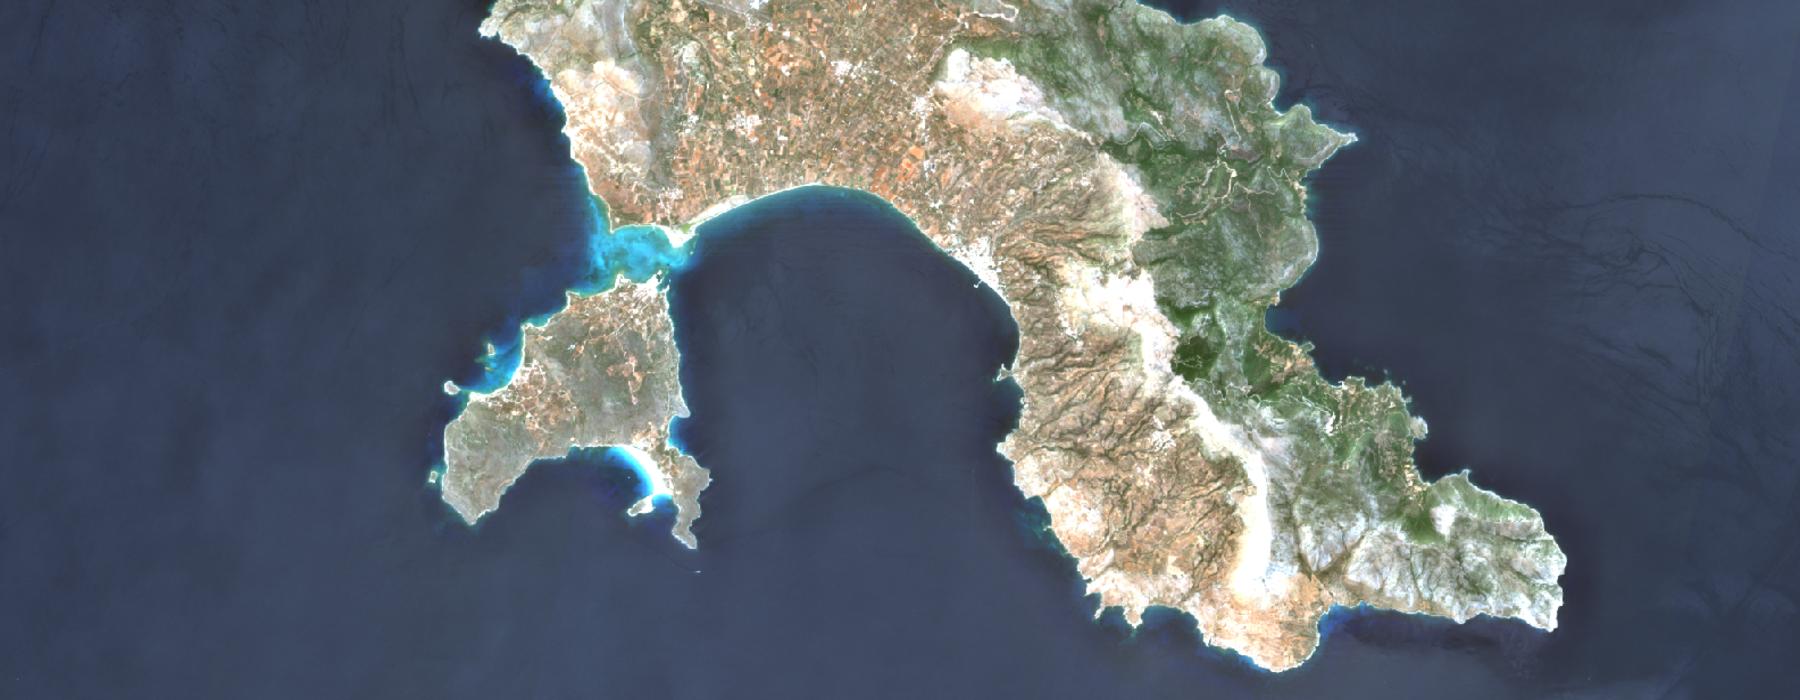 Παροχή δορυφορικών δεδομένων